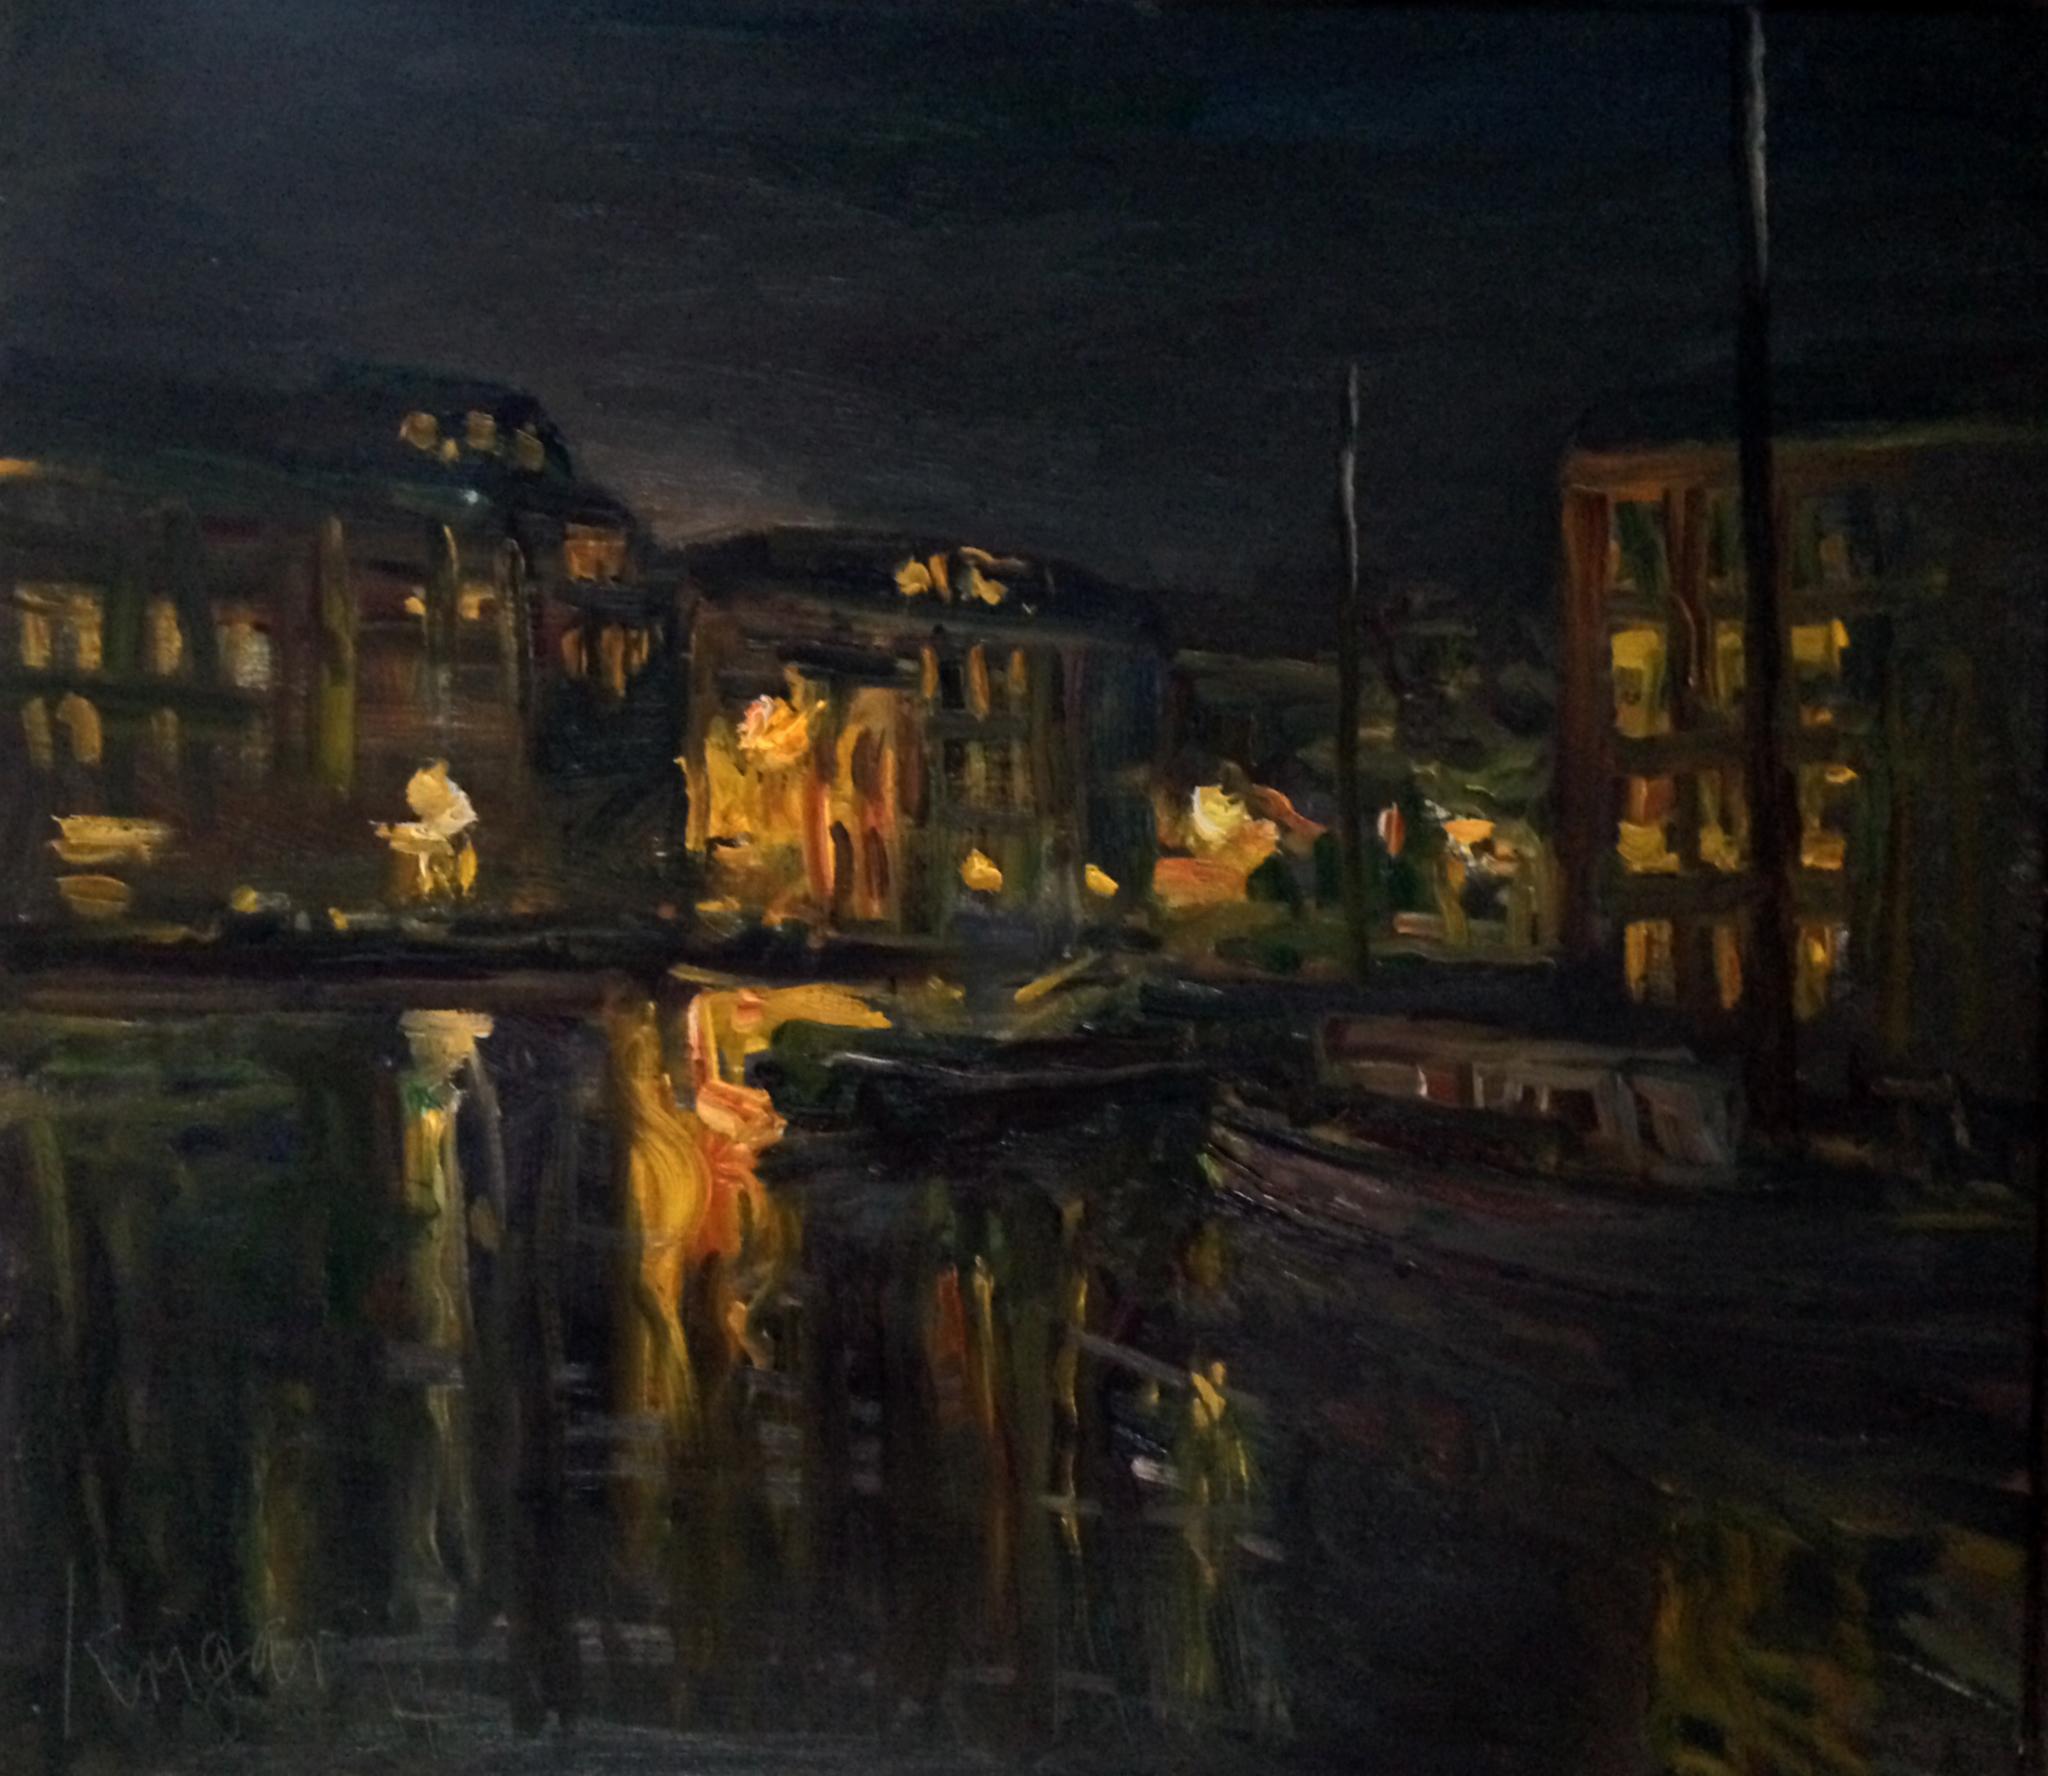 Andre Krigar Nachtliche spiegelung Maassluis